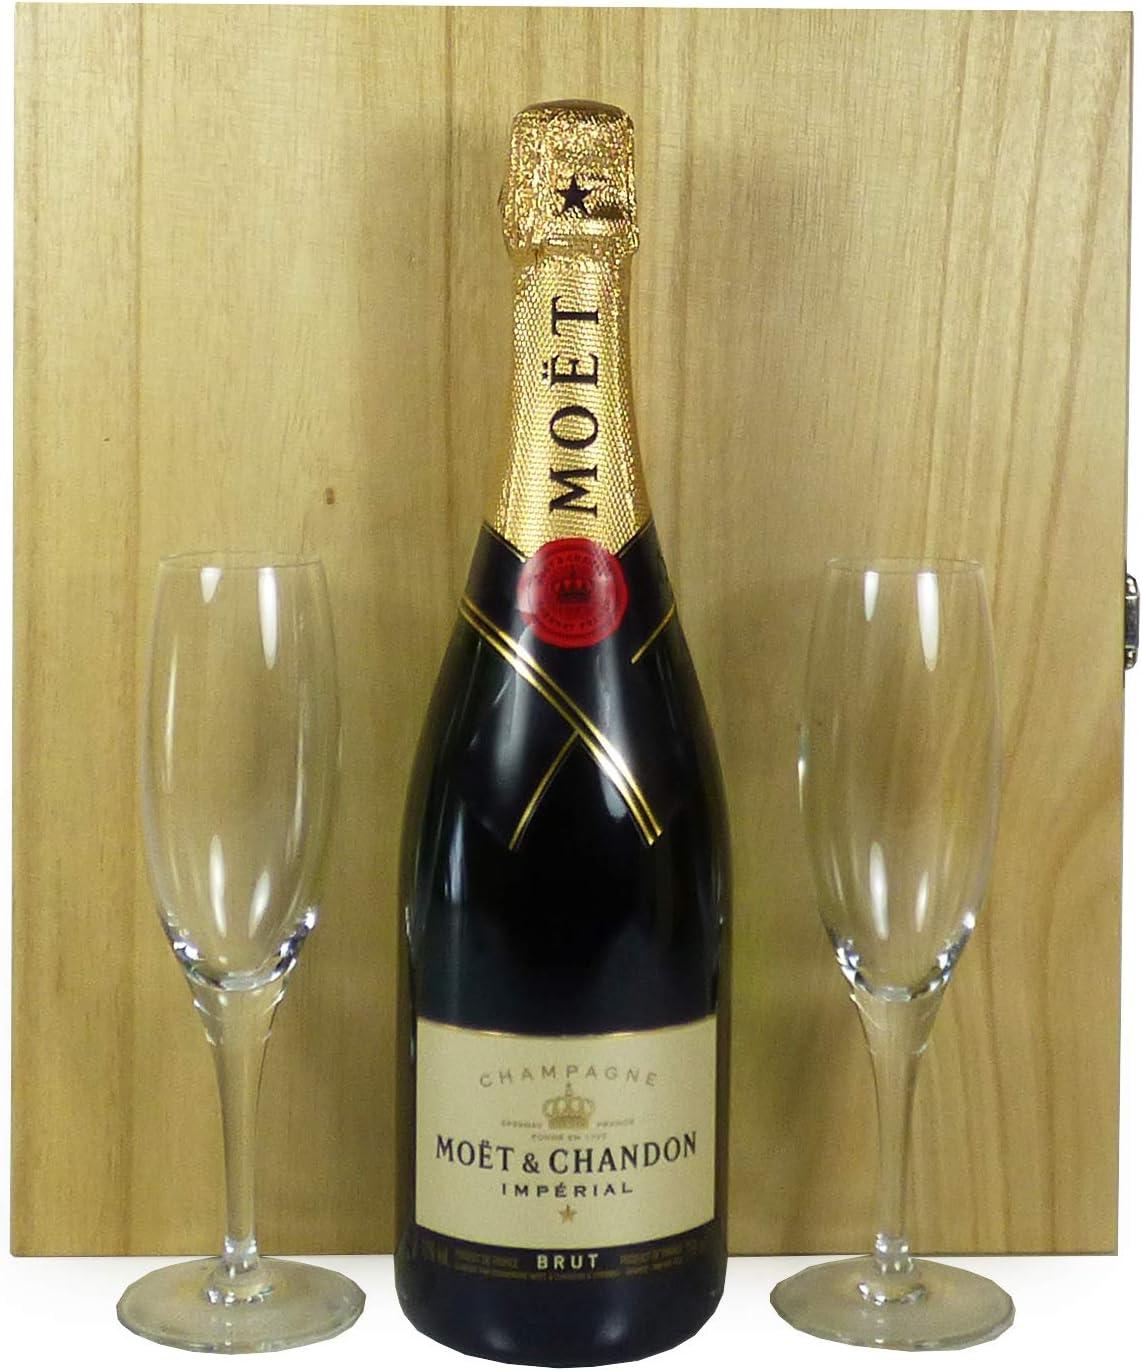 75cl Moet & Chandon Brut Imperial Champagne con 2 x flautas de champán presentadas en una caja de regalo de madera - Ideas para regalos de cumpleaños, aniversario, navidad, negocios y corporativos: